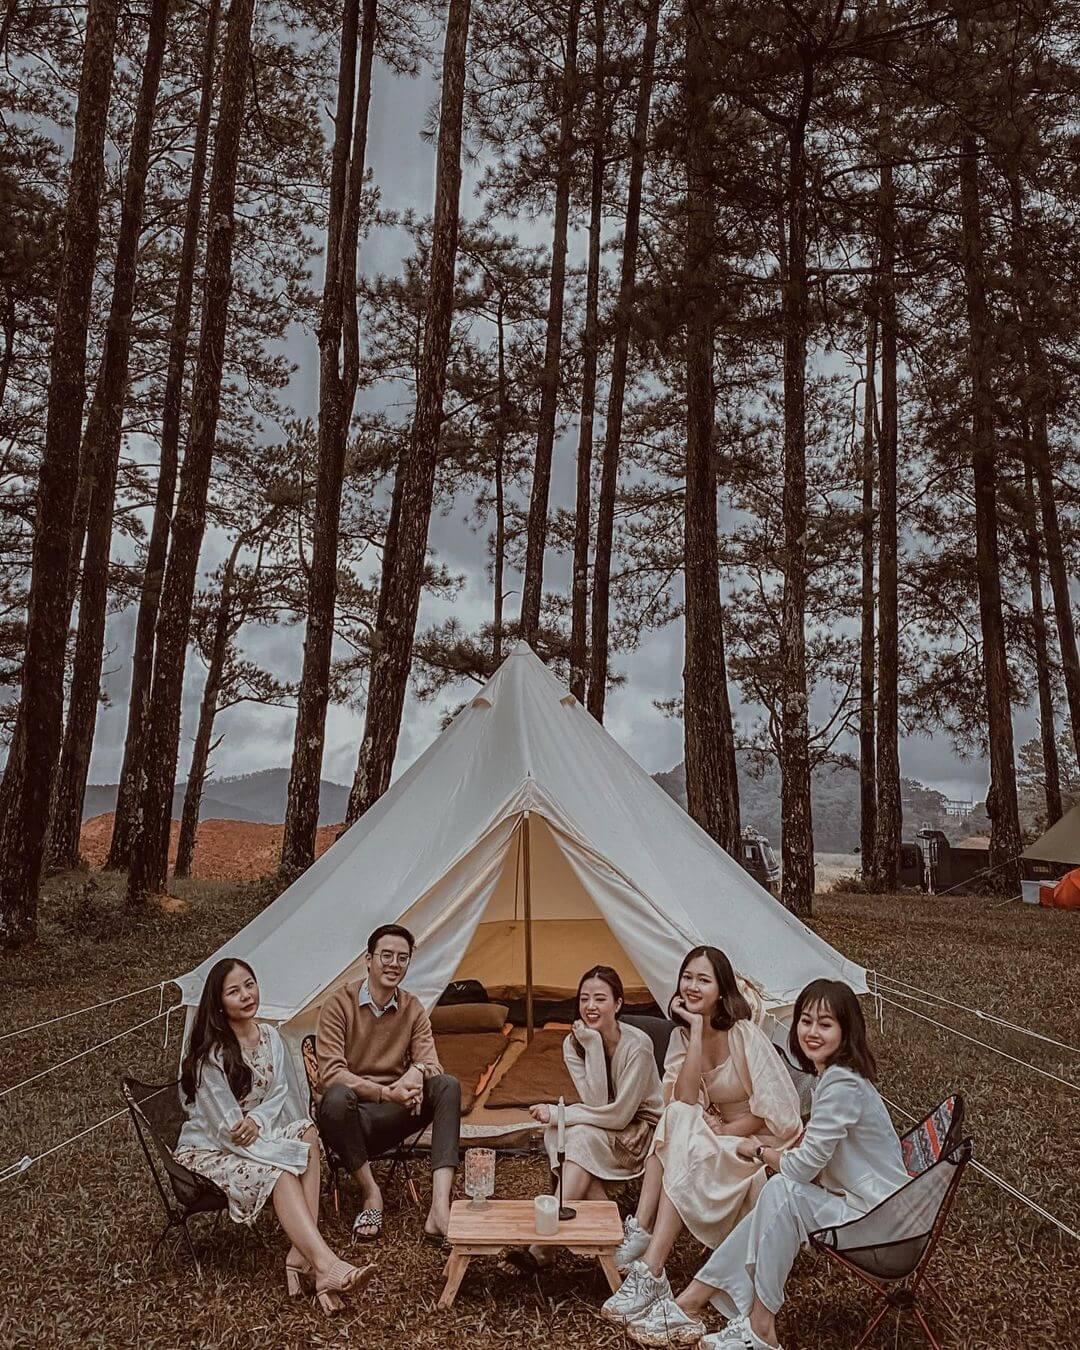 Cắm trại Khu du lịch thung lũng vàng Đà Lạt